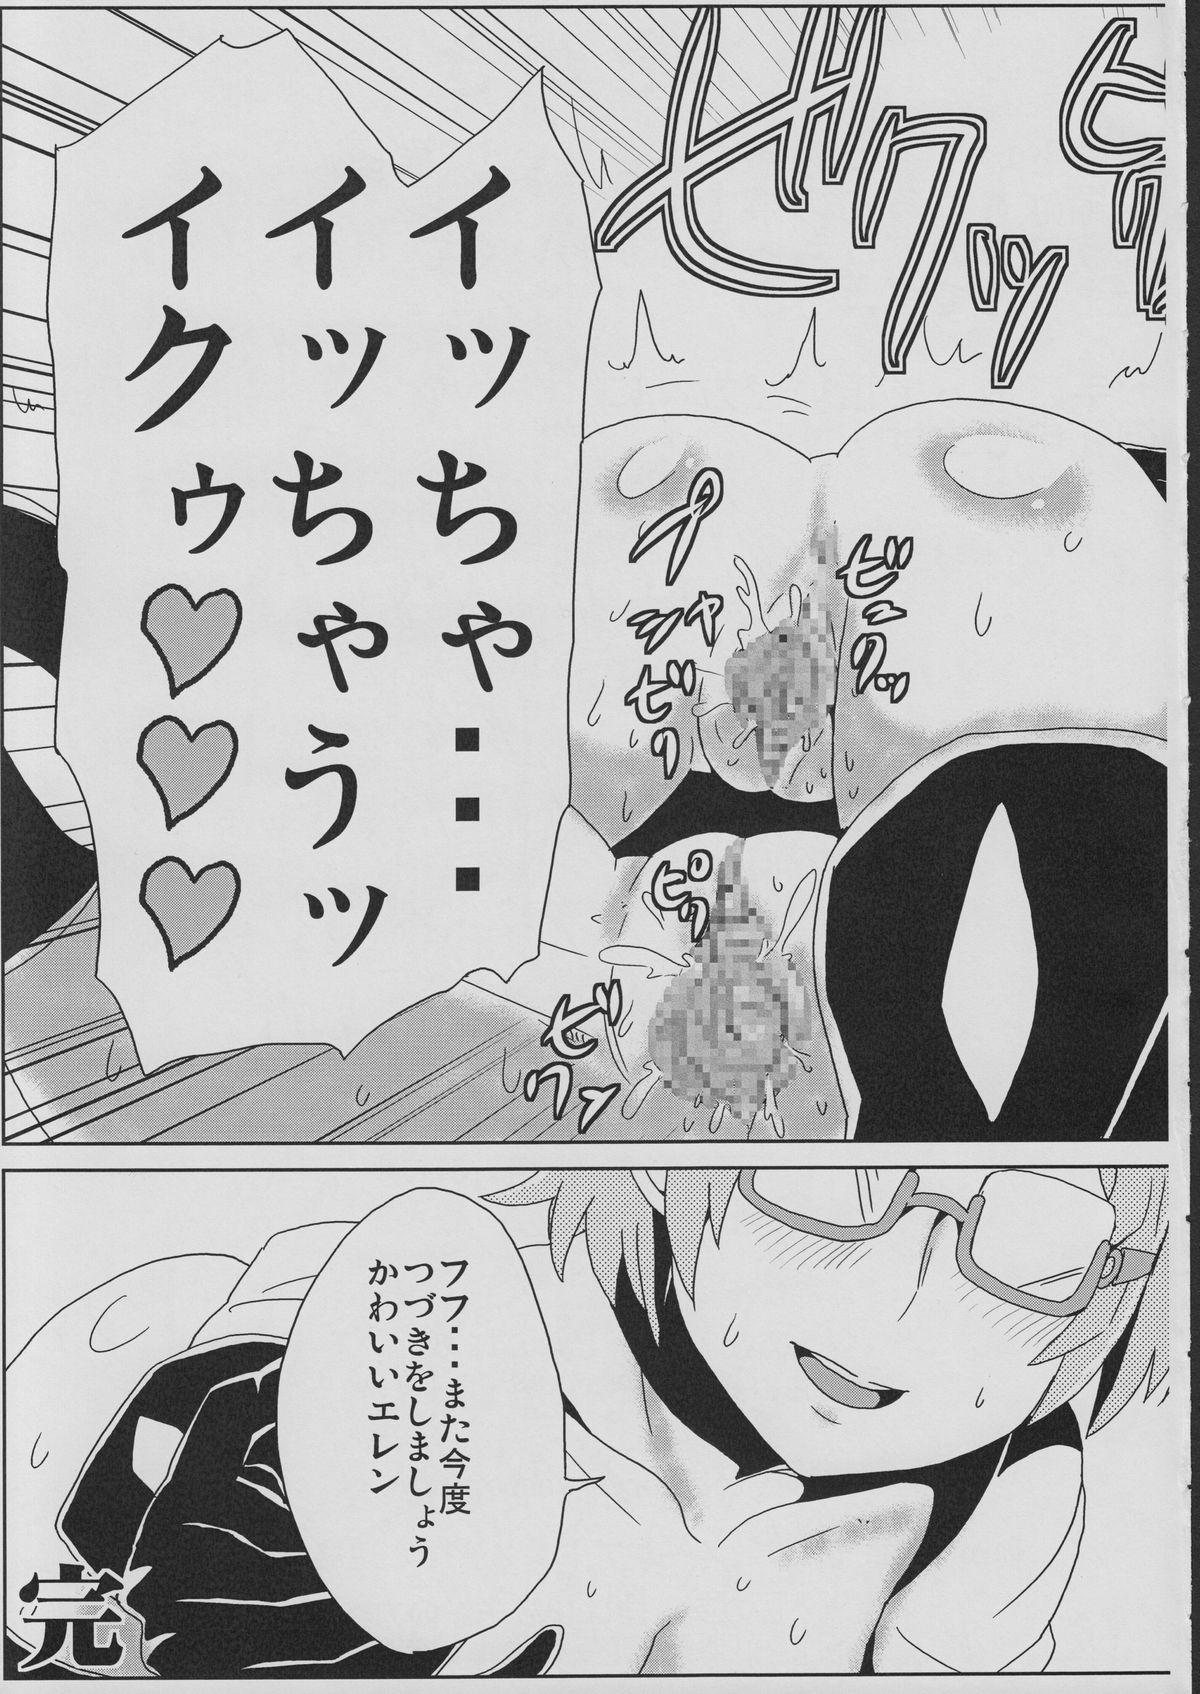 Hime-sama no Dorei 23